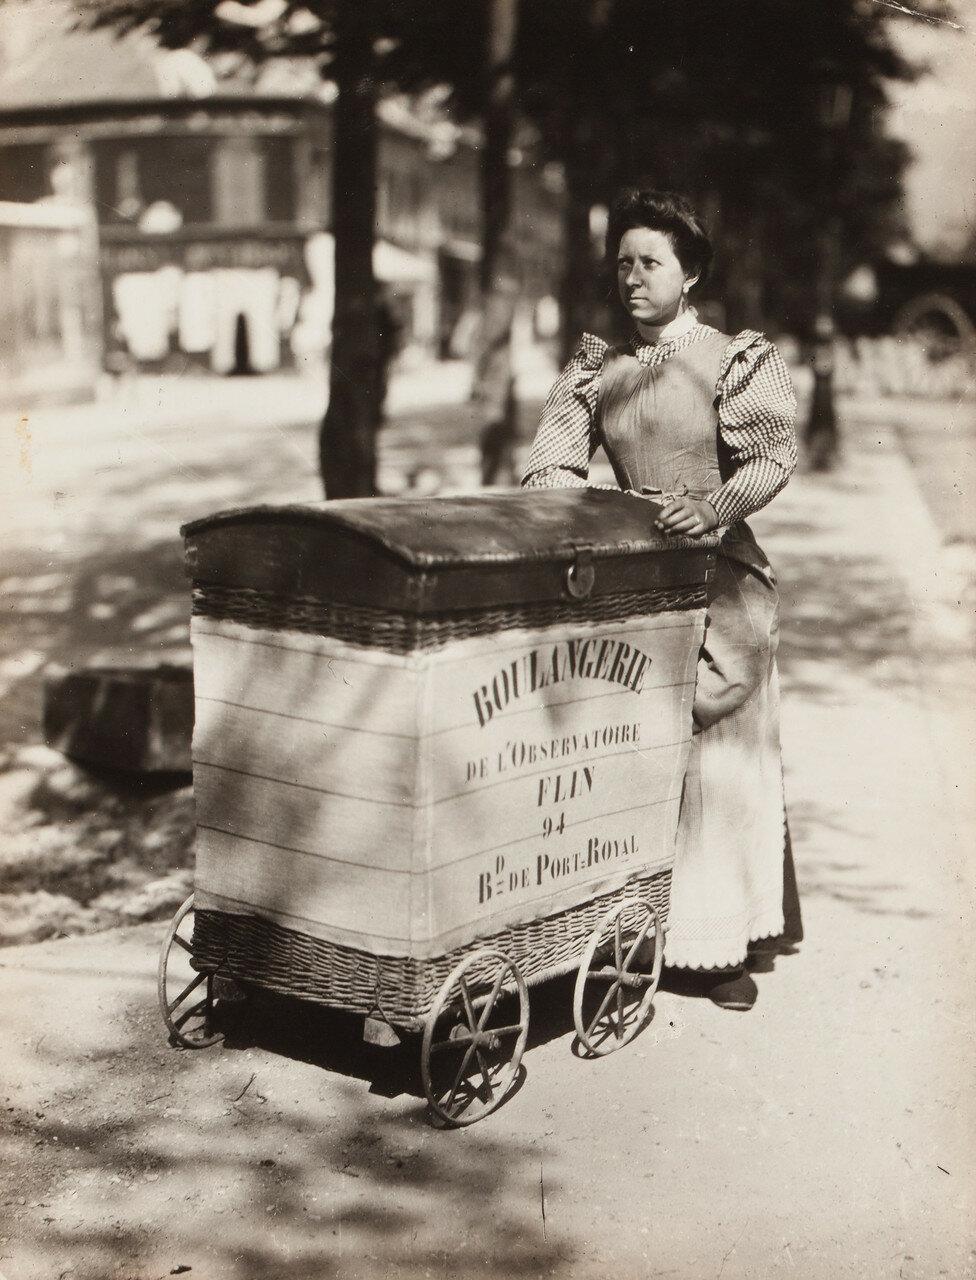 1899. Тележка булочника